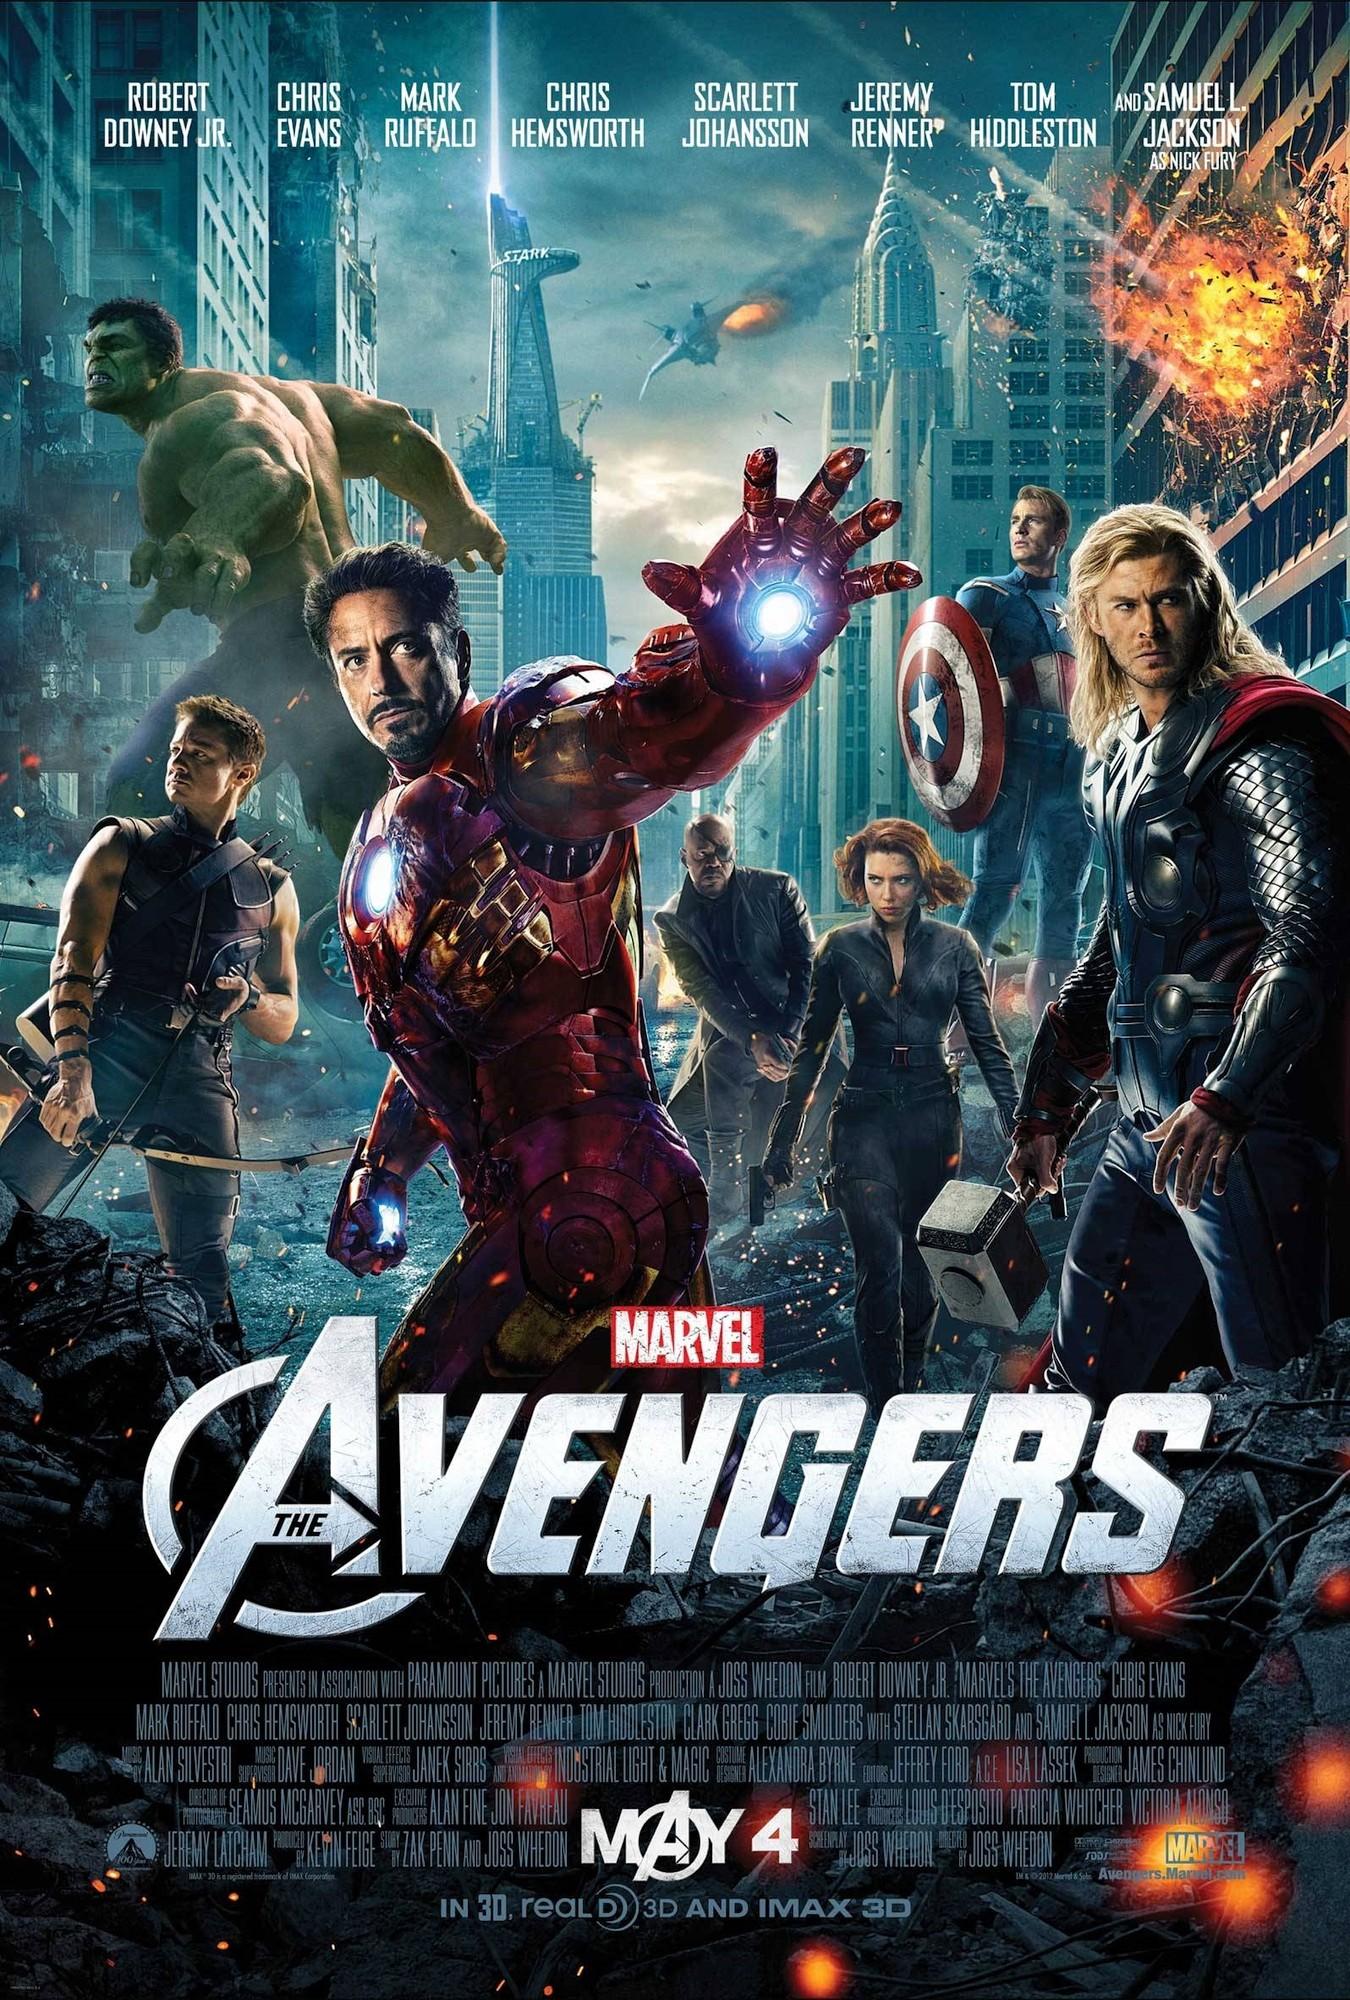 the_avengers_poster.jpg